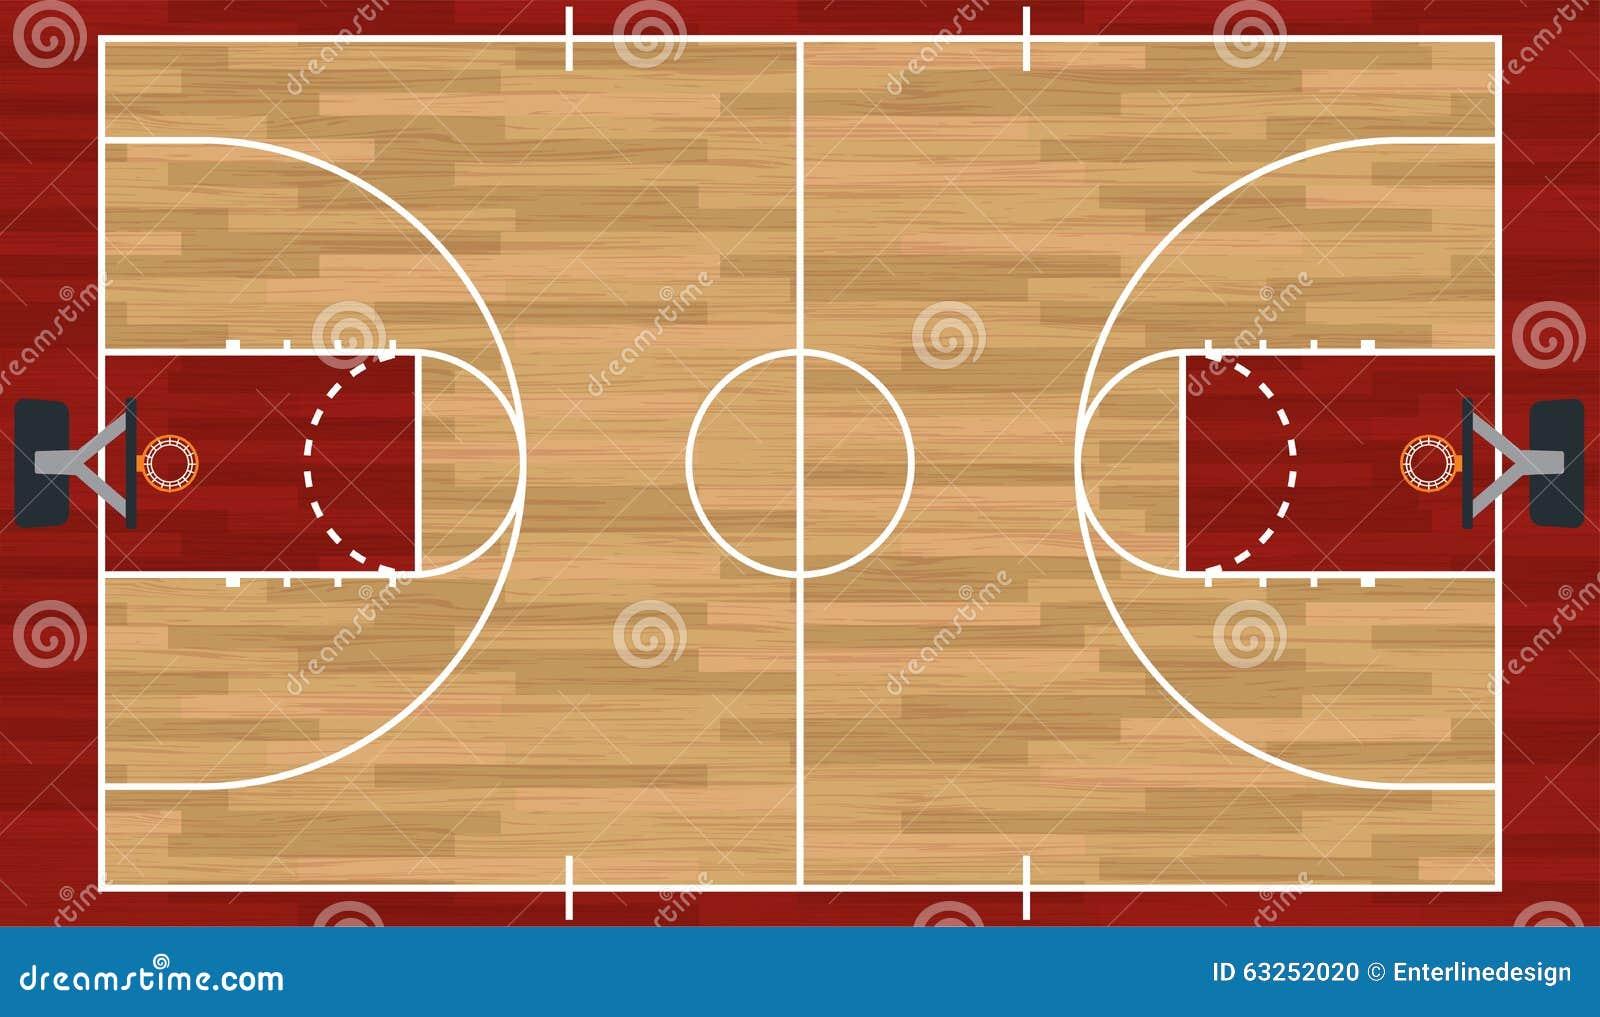 Realistische Basketbalhof Illustratie